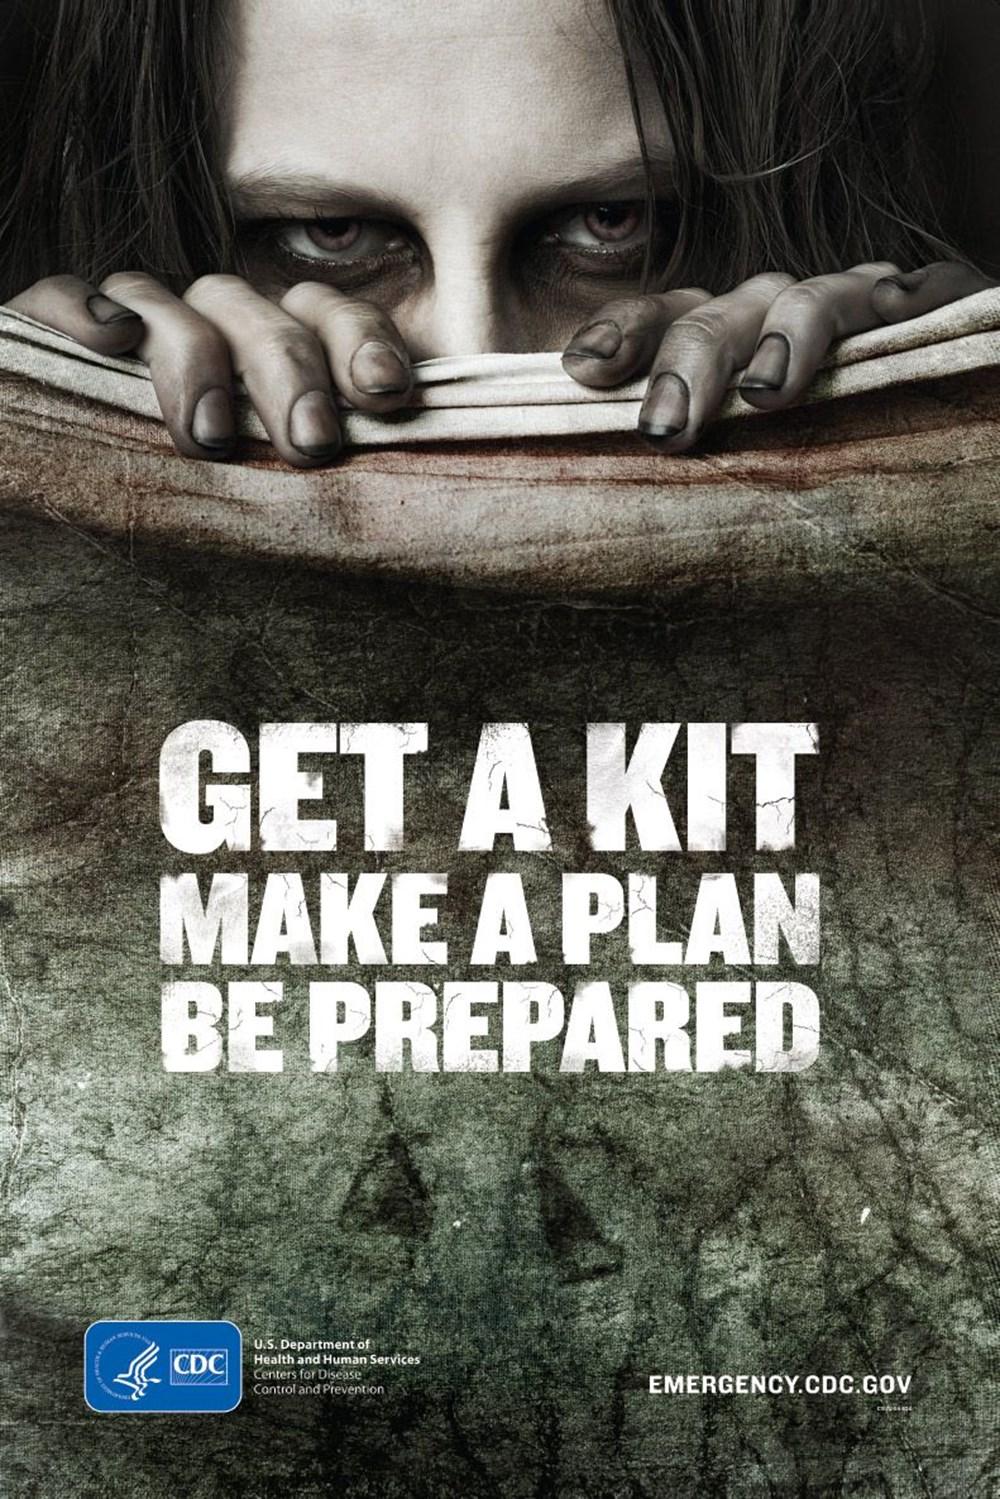 CDC'den 'Zombi Hazırlık' genelgesi: Bir kit alın, bir plan yapın, hazırlıklı olun - 2